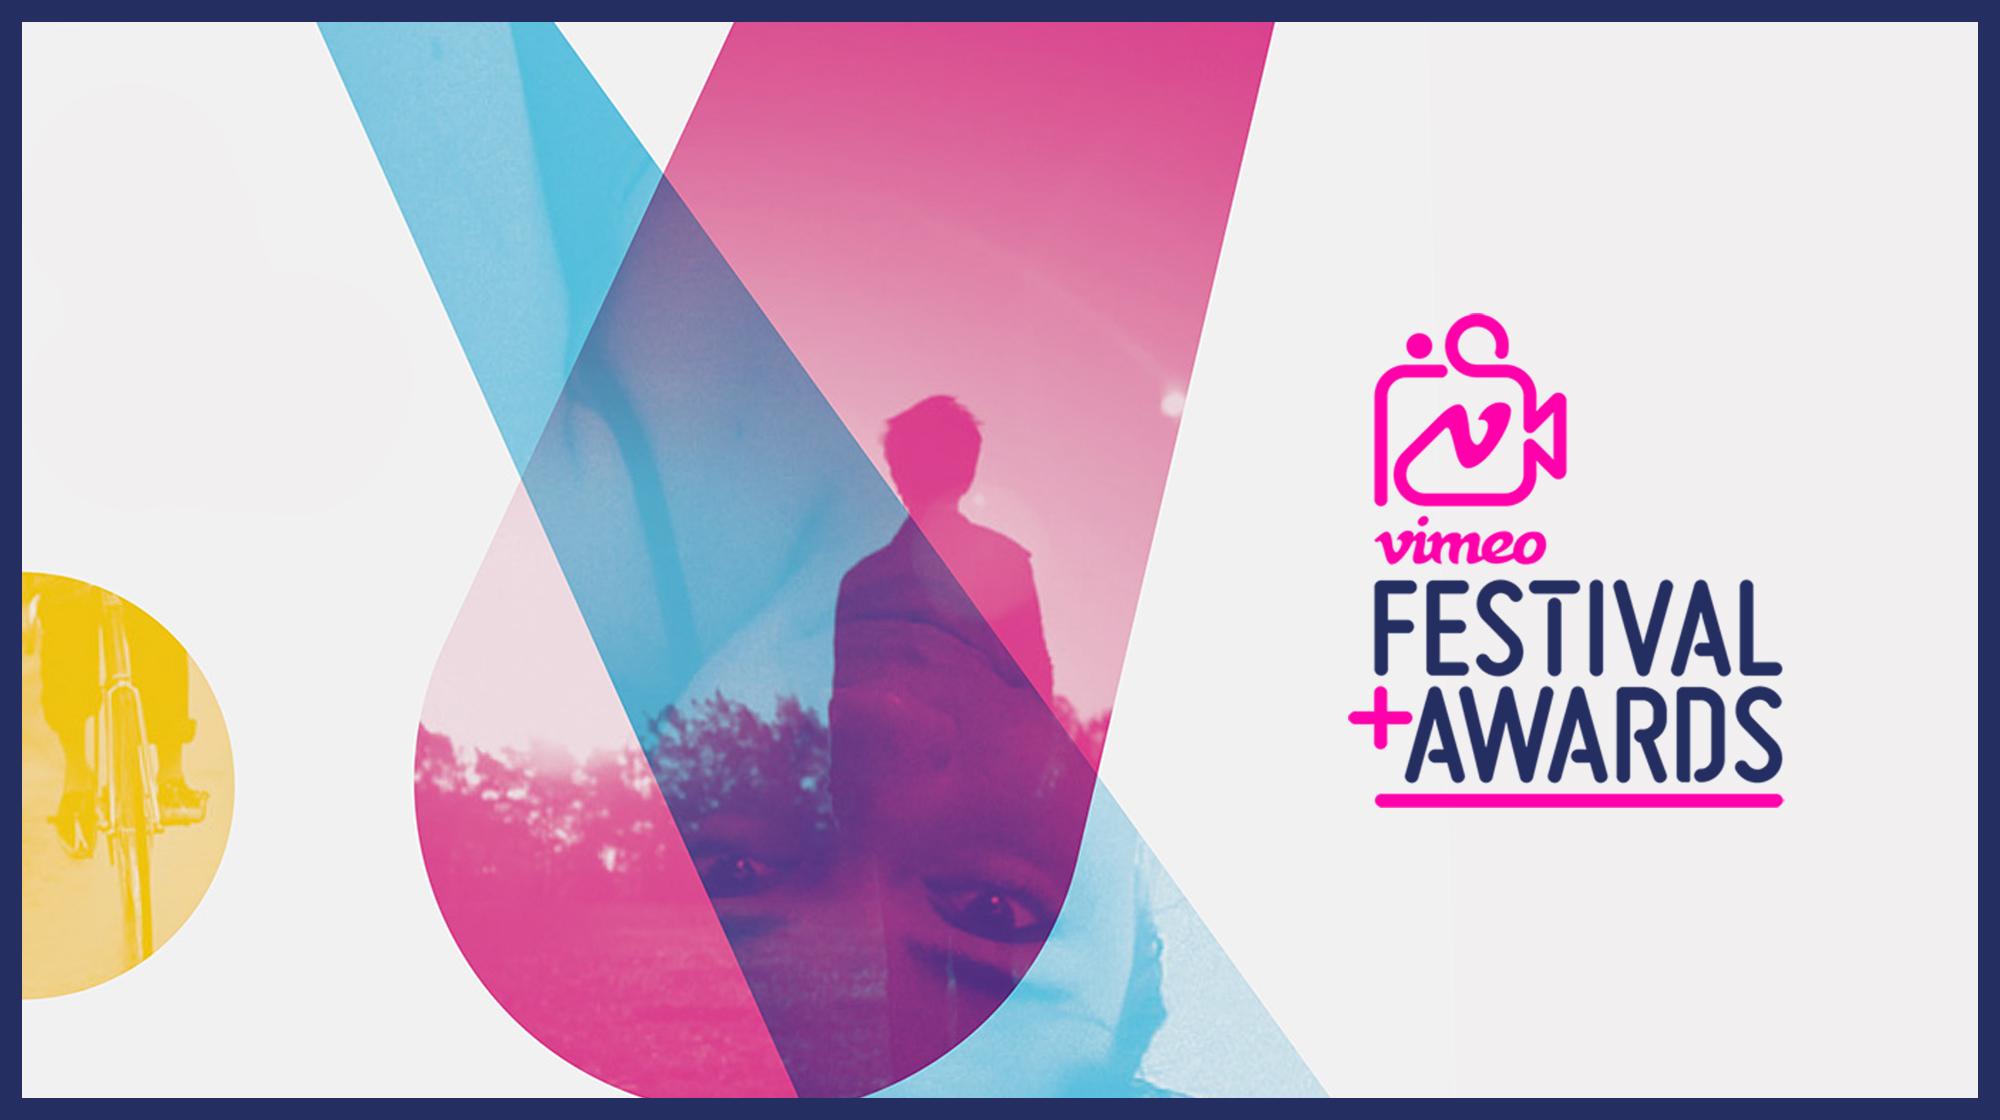 Vimeo Festival + Awards - Branding / environmental design / production